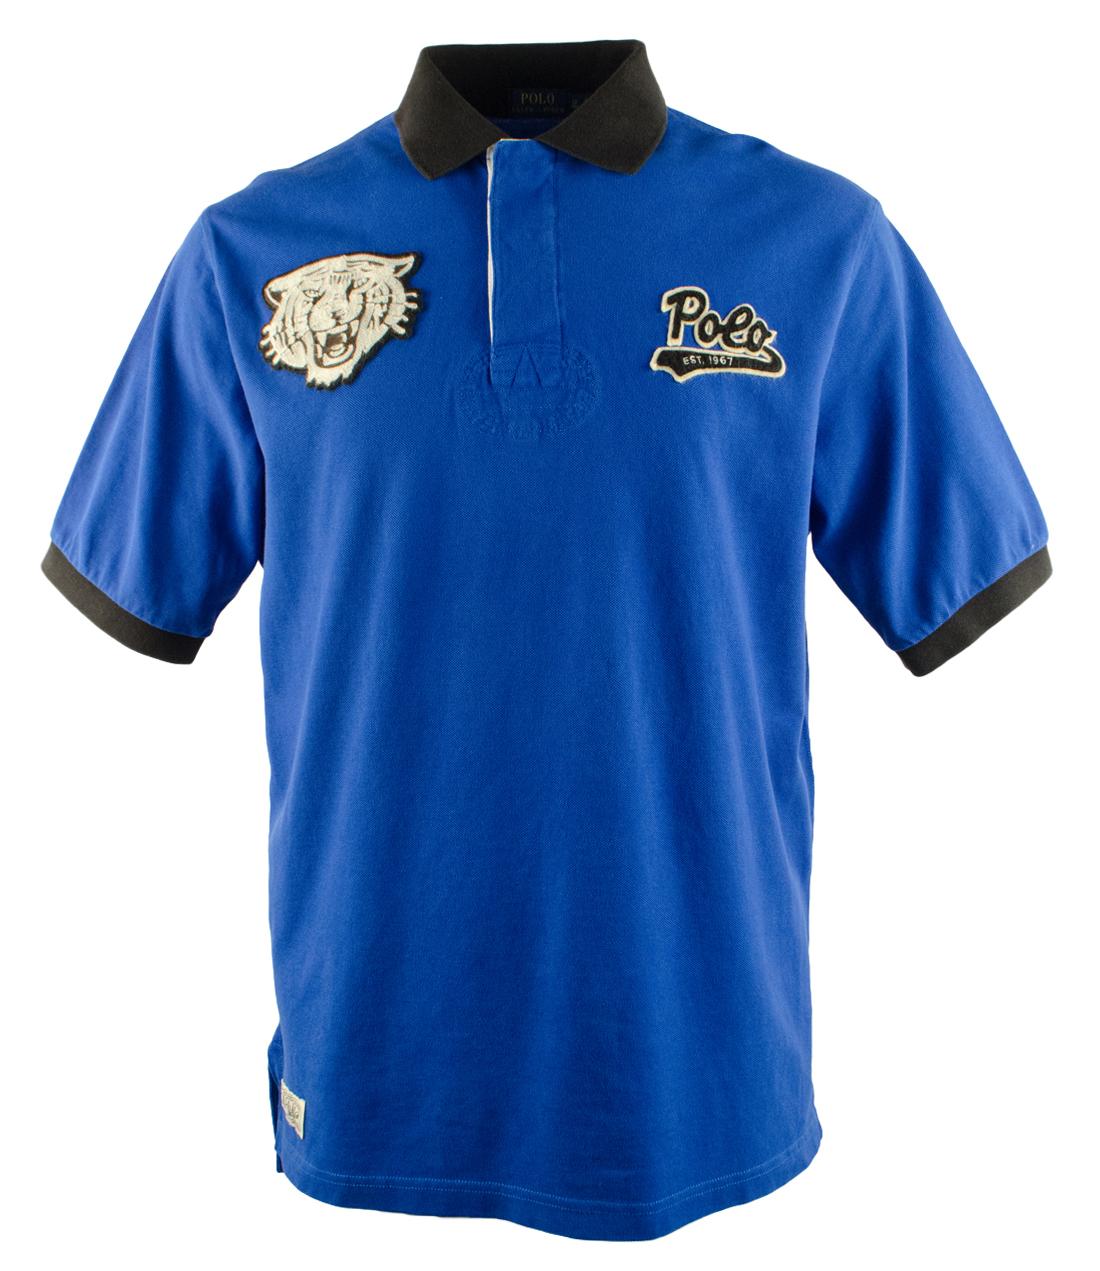 Polo ralph lauren men 39 s big and tall short sleeve sport for Tall ralph lauren polo shirts